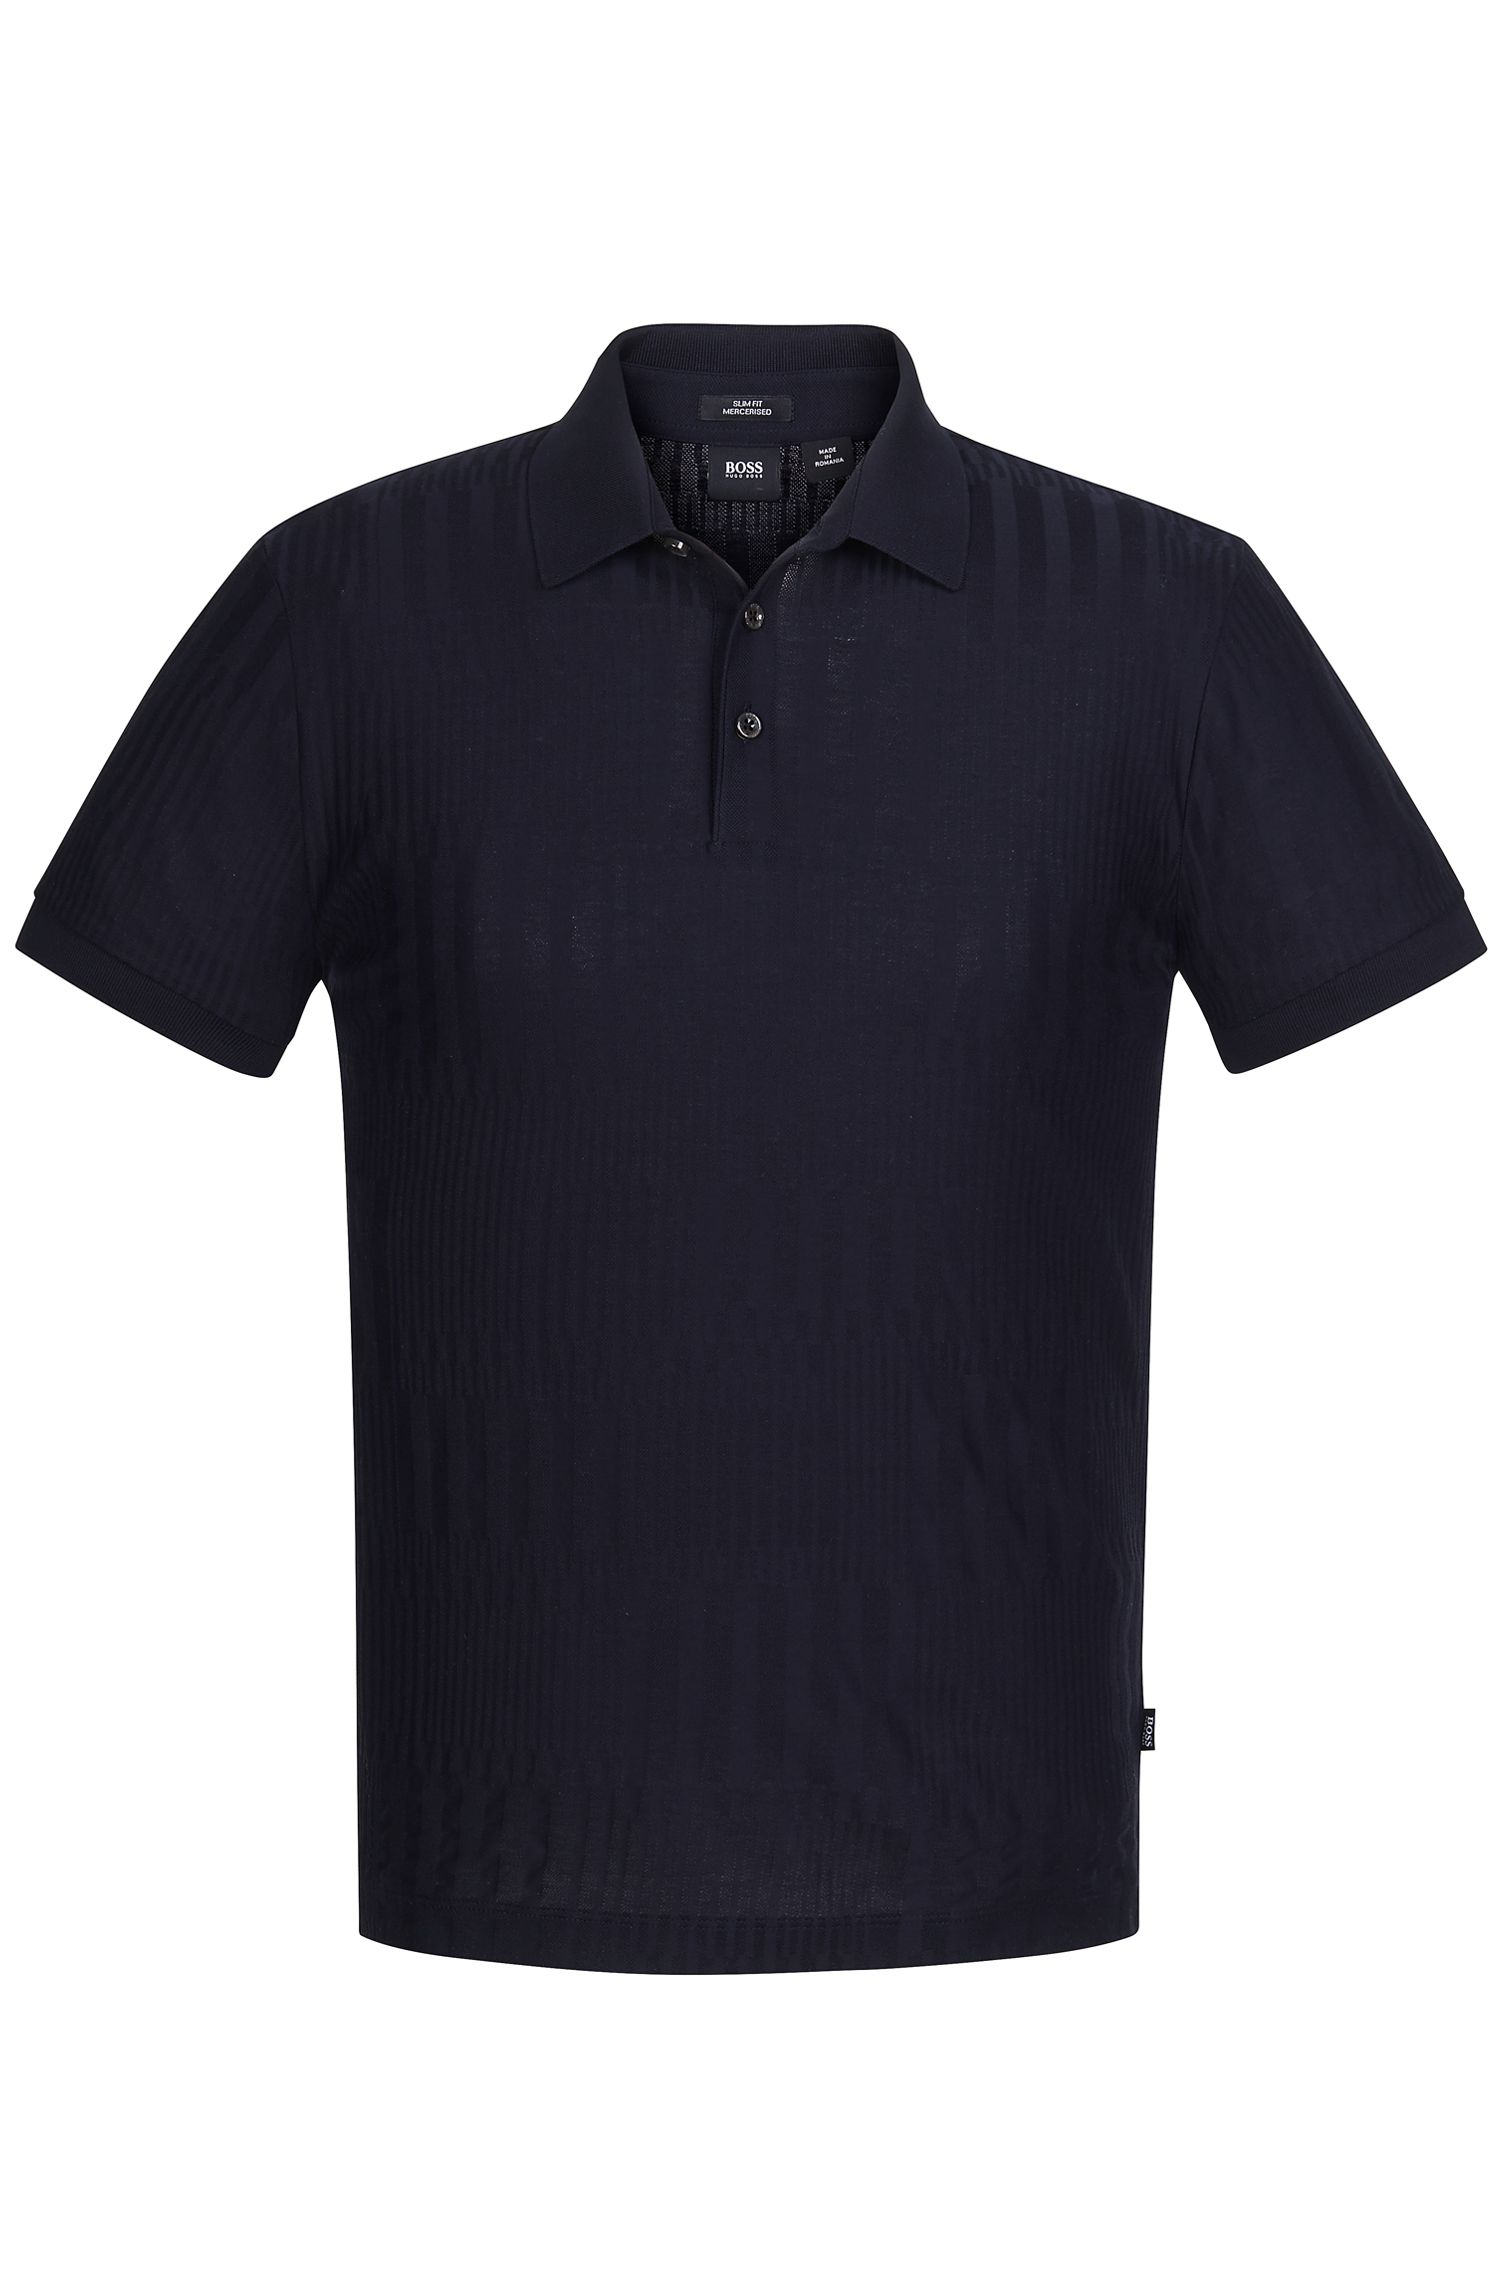 'Penrose' | Slim Fit, Mercerized Cotton Geo Jacquard Polo